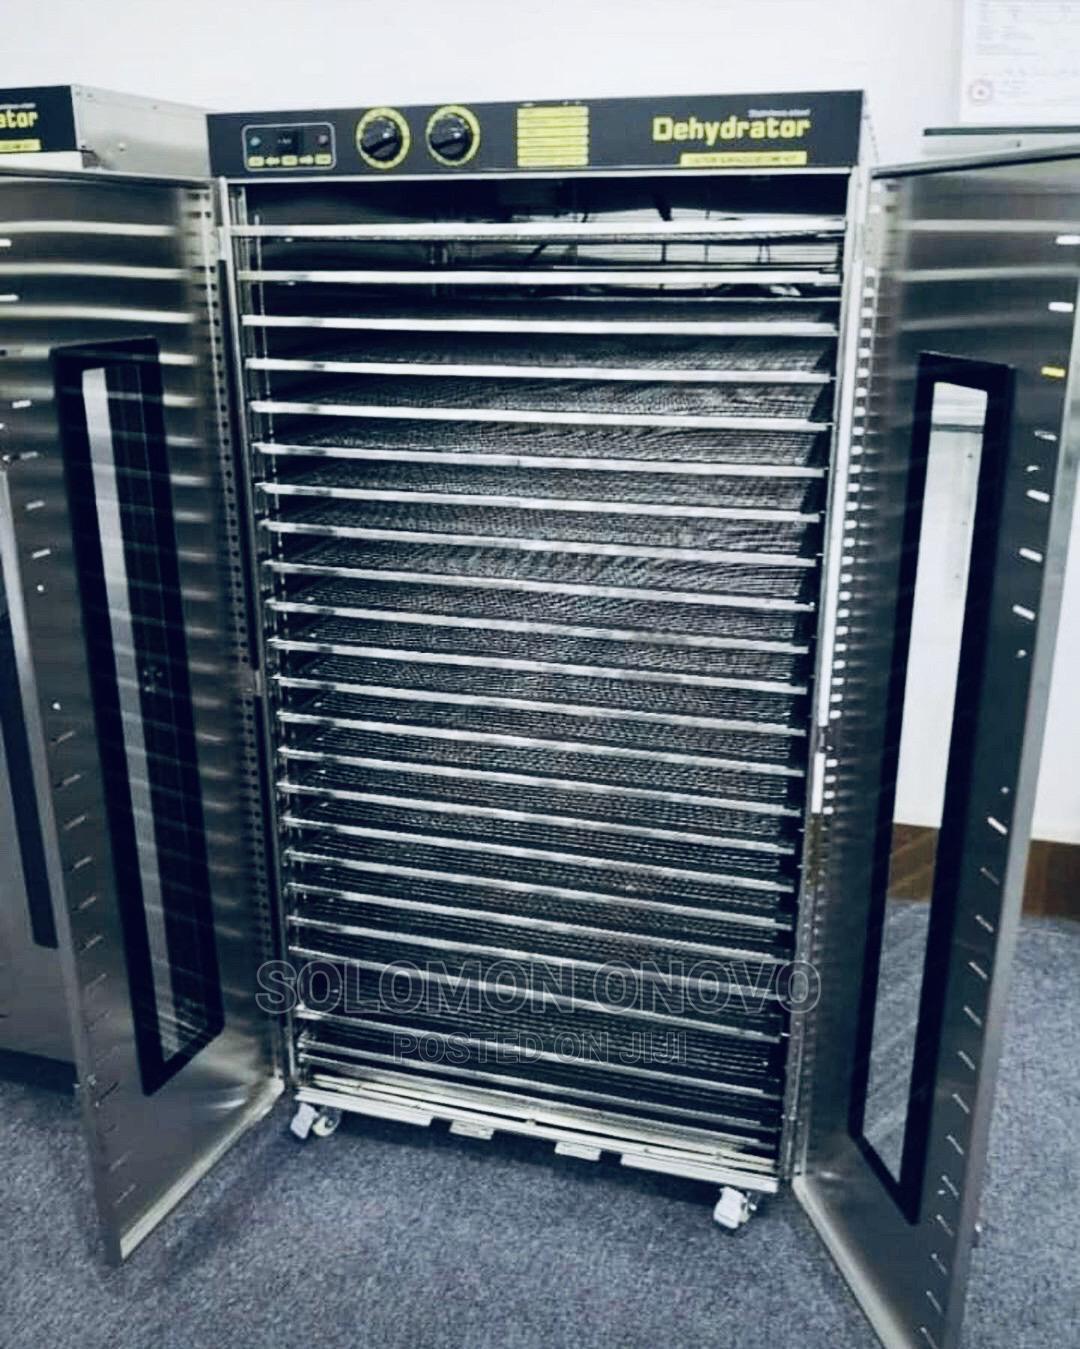 24 Trays Industrial Food Dehydrator Dryer